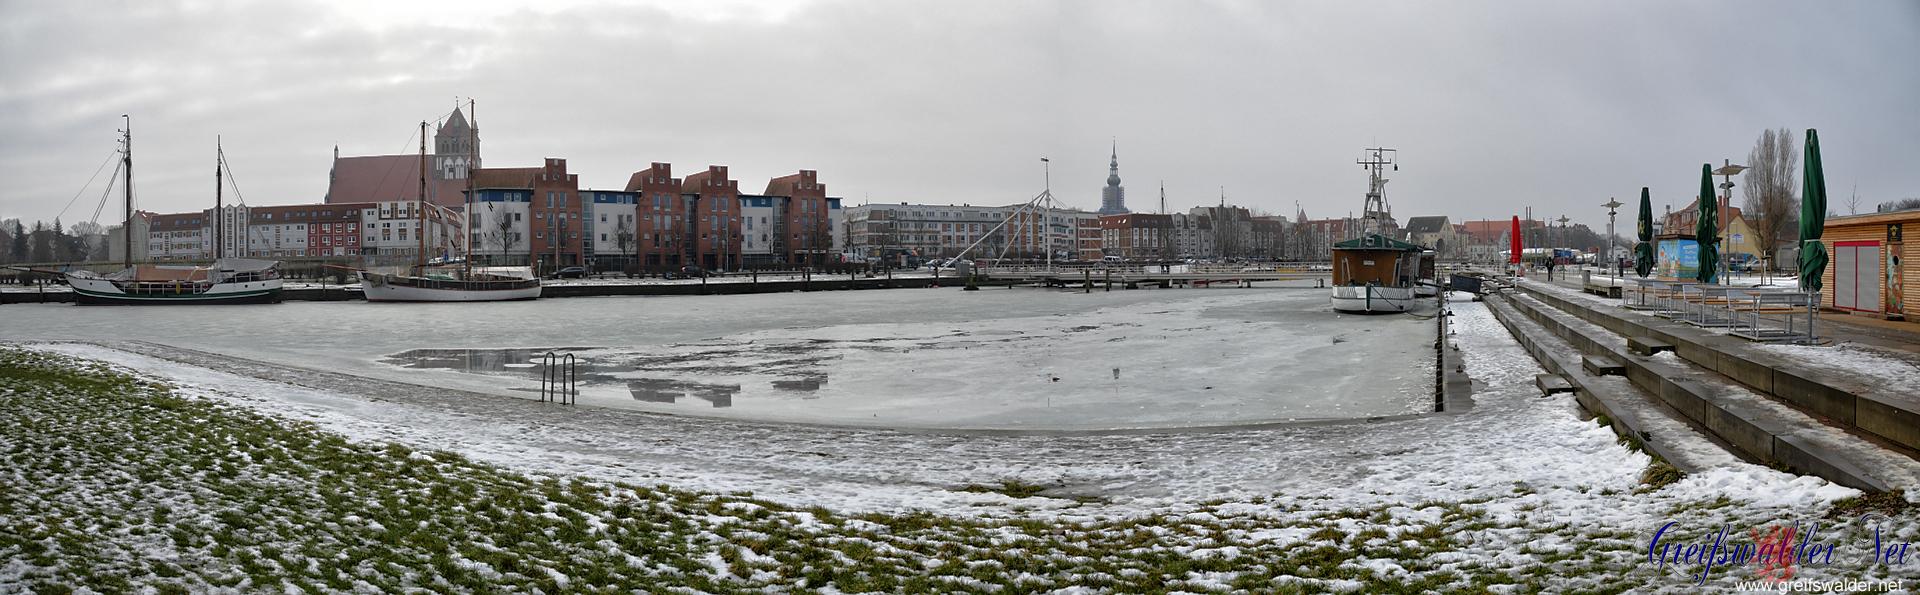 Winter am Museumshafen in Greifswald